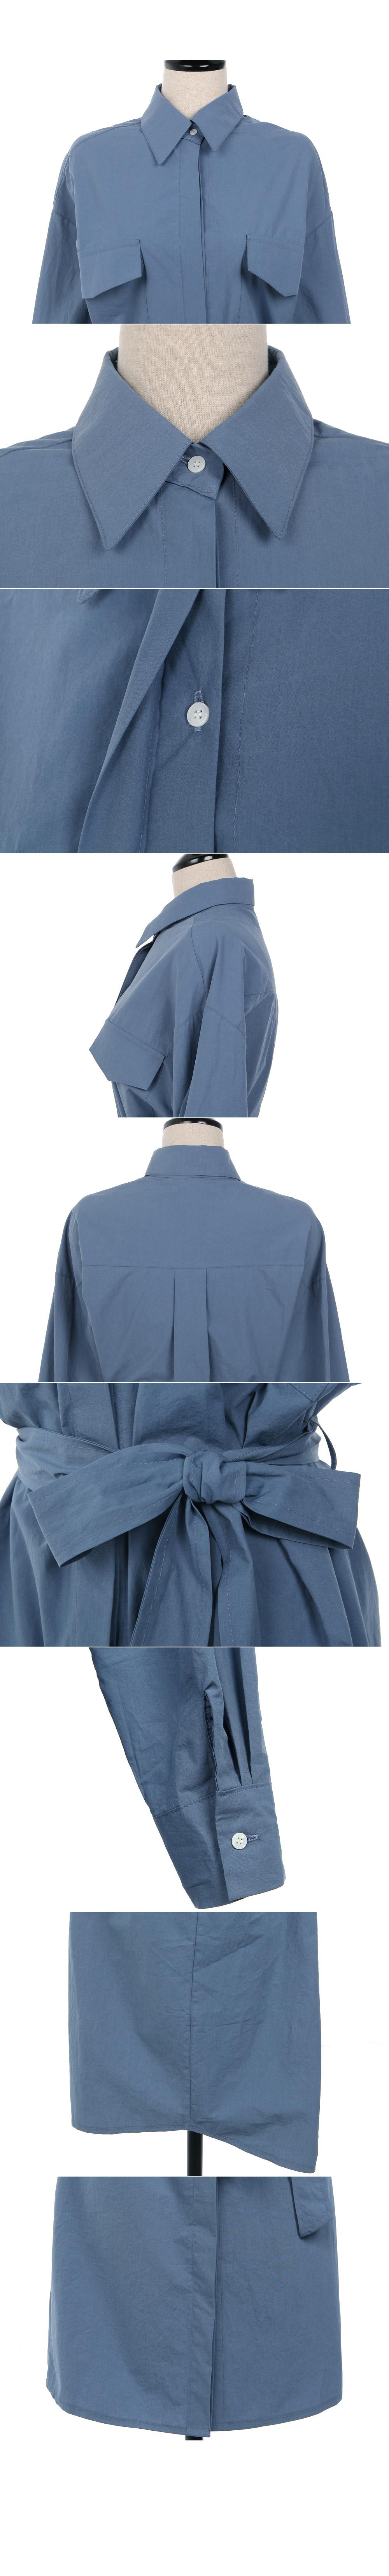 Shirt ops